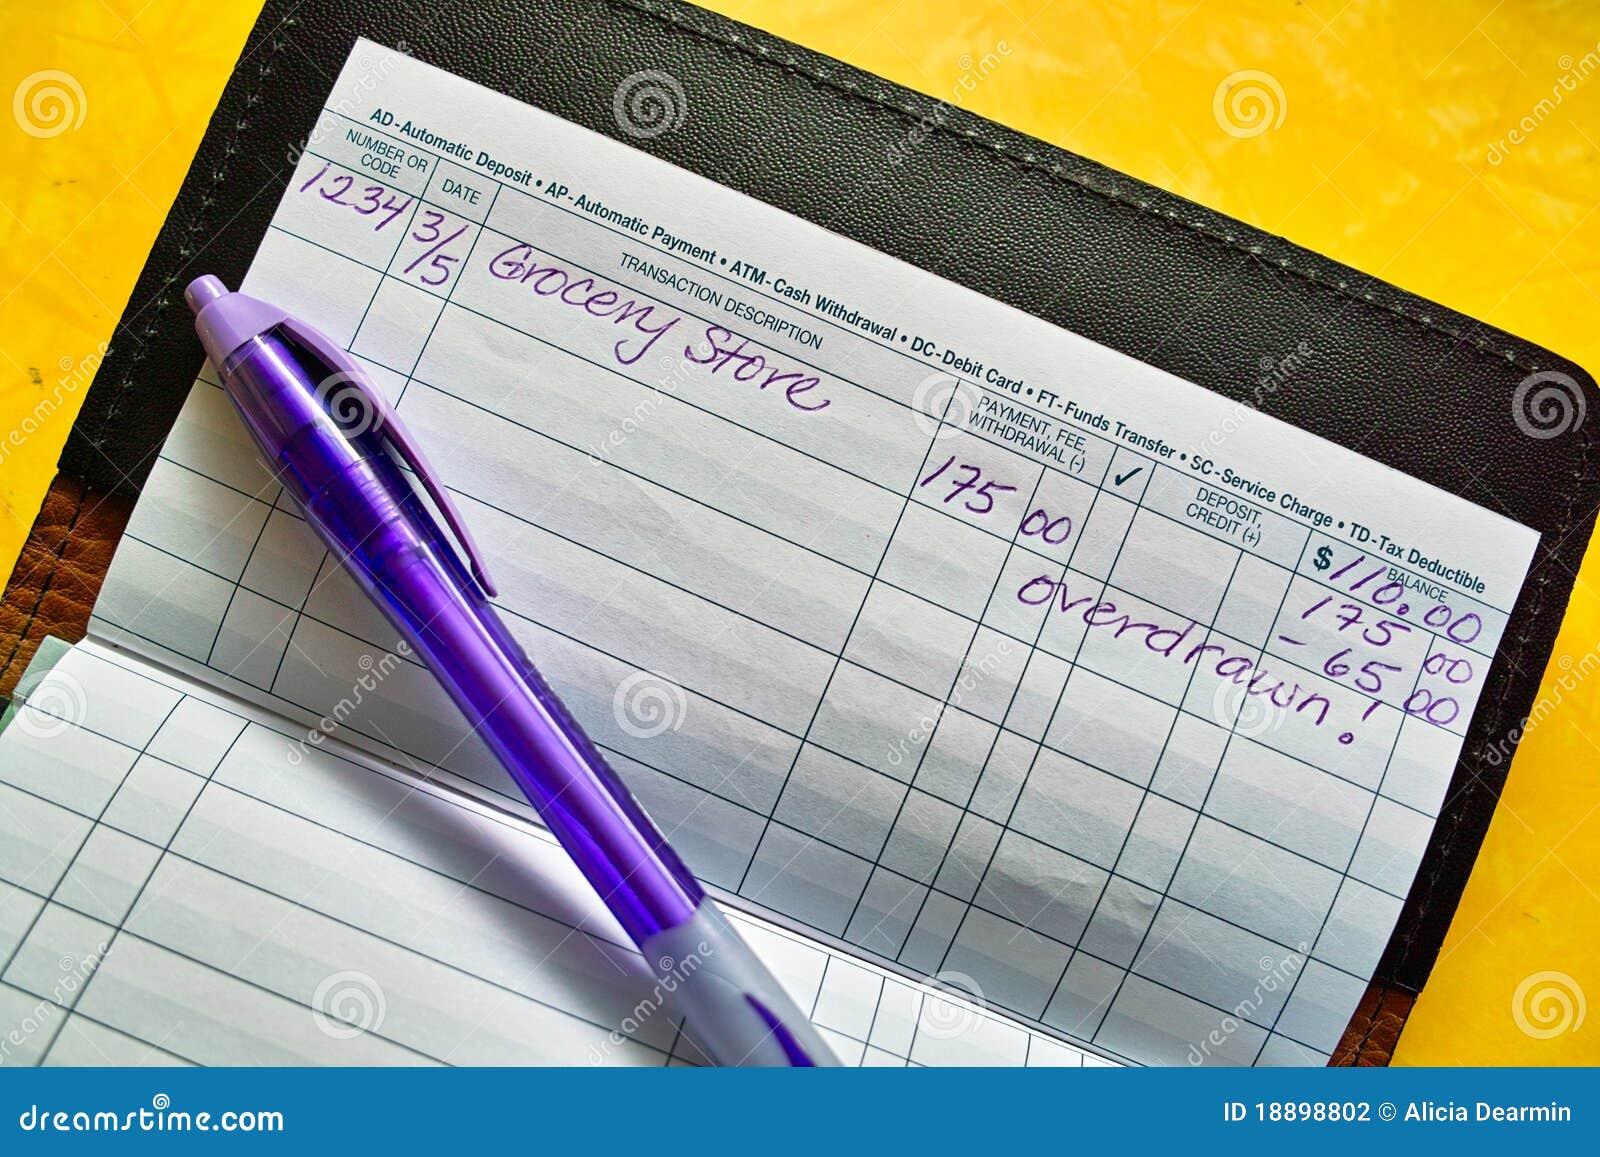 checkbook record